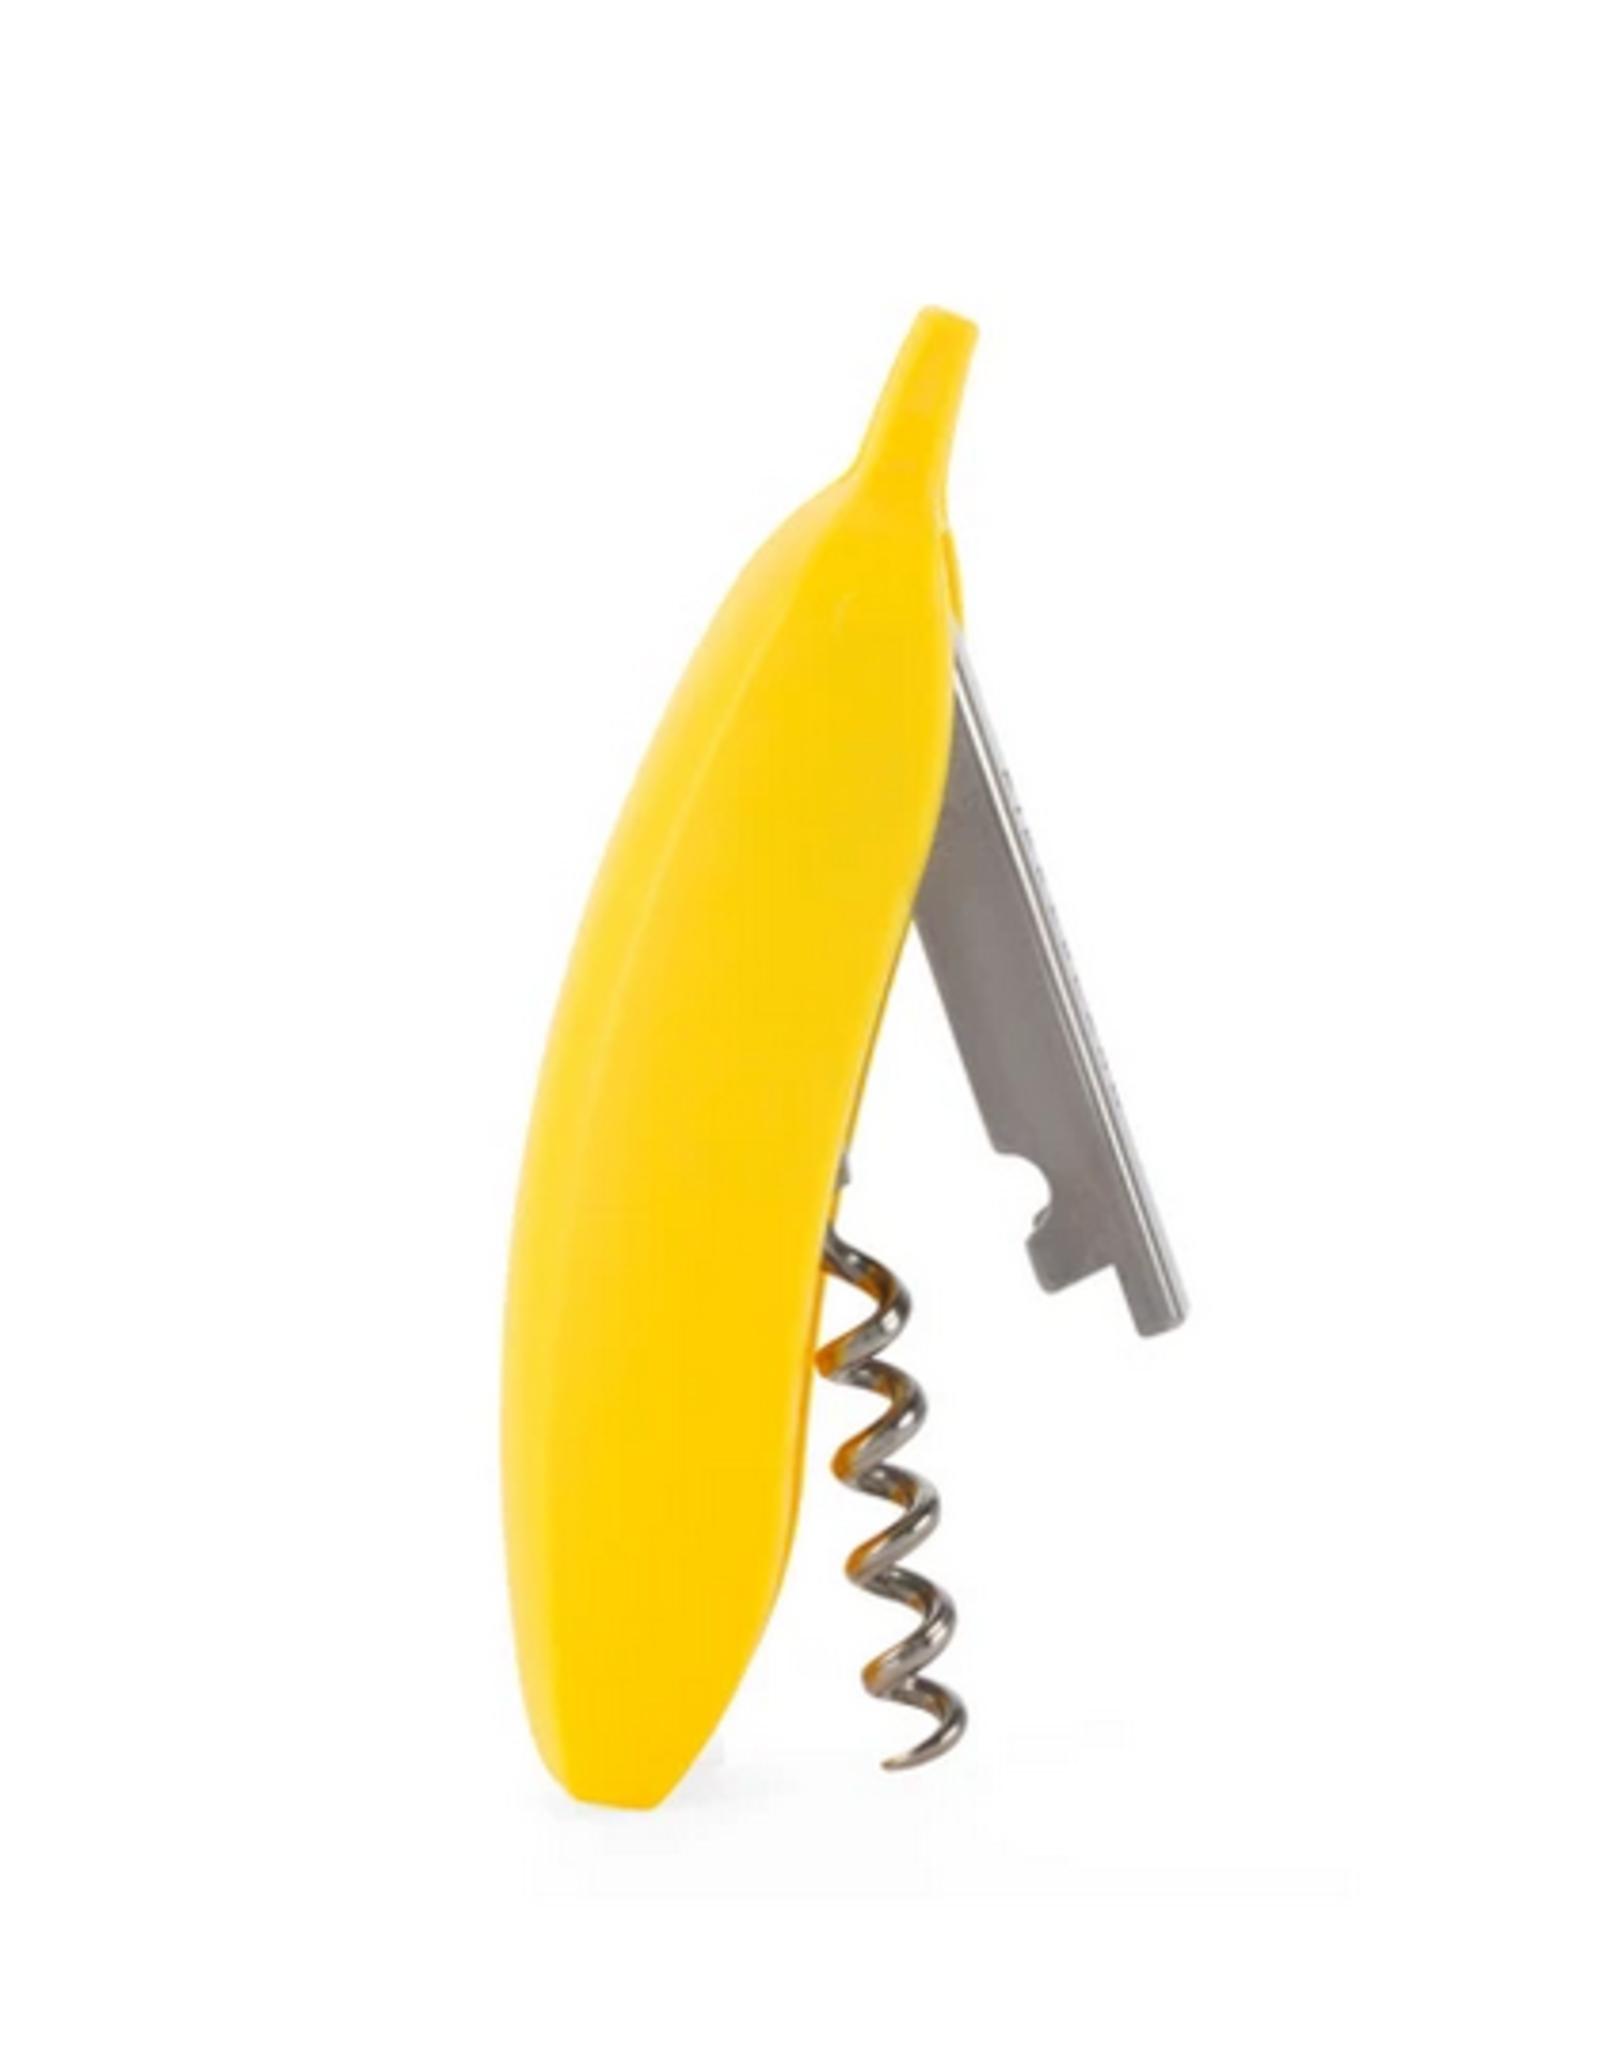 Kikkerland Monkey bar tool set